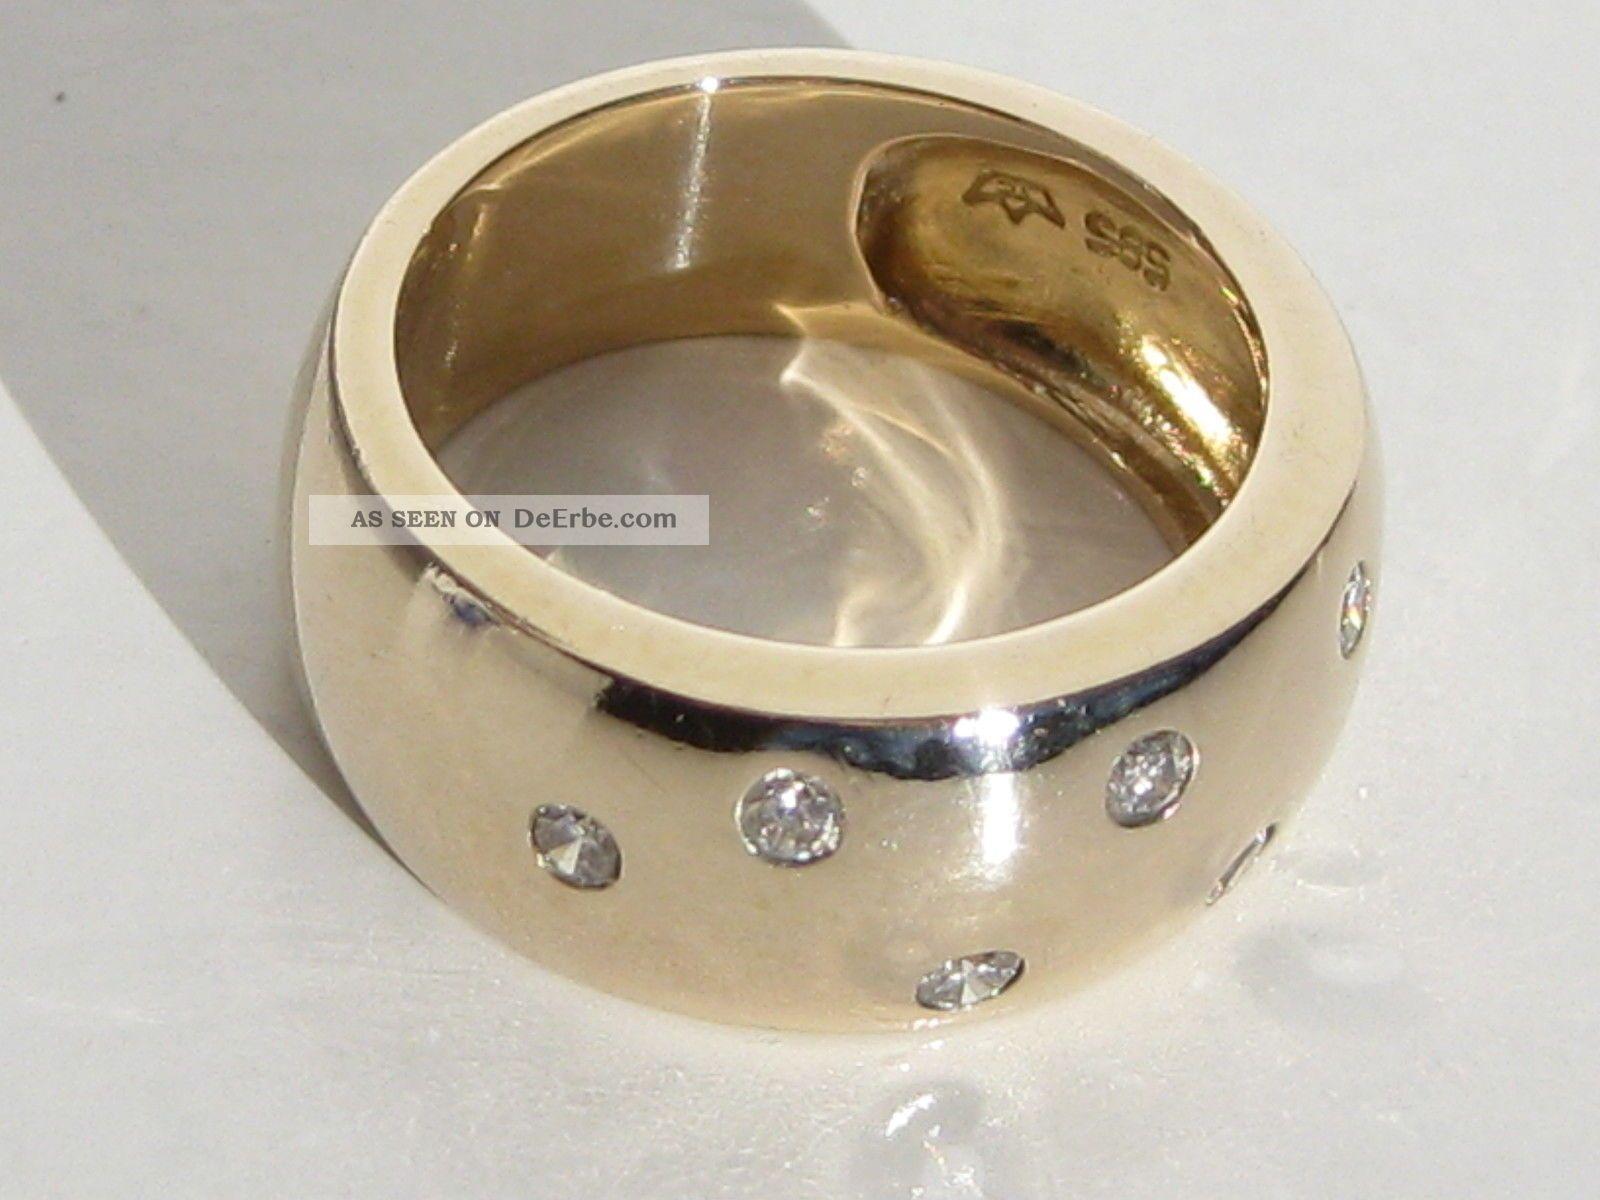 massiver 585 diamant gelbgold ring goldring ehering verlobungsring gold ring. Black Bedroom Furniture Sets. Home Design Ideas